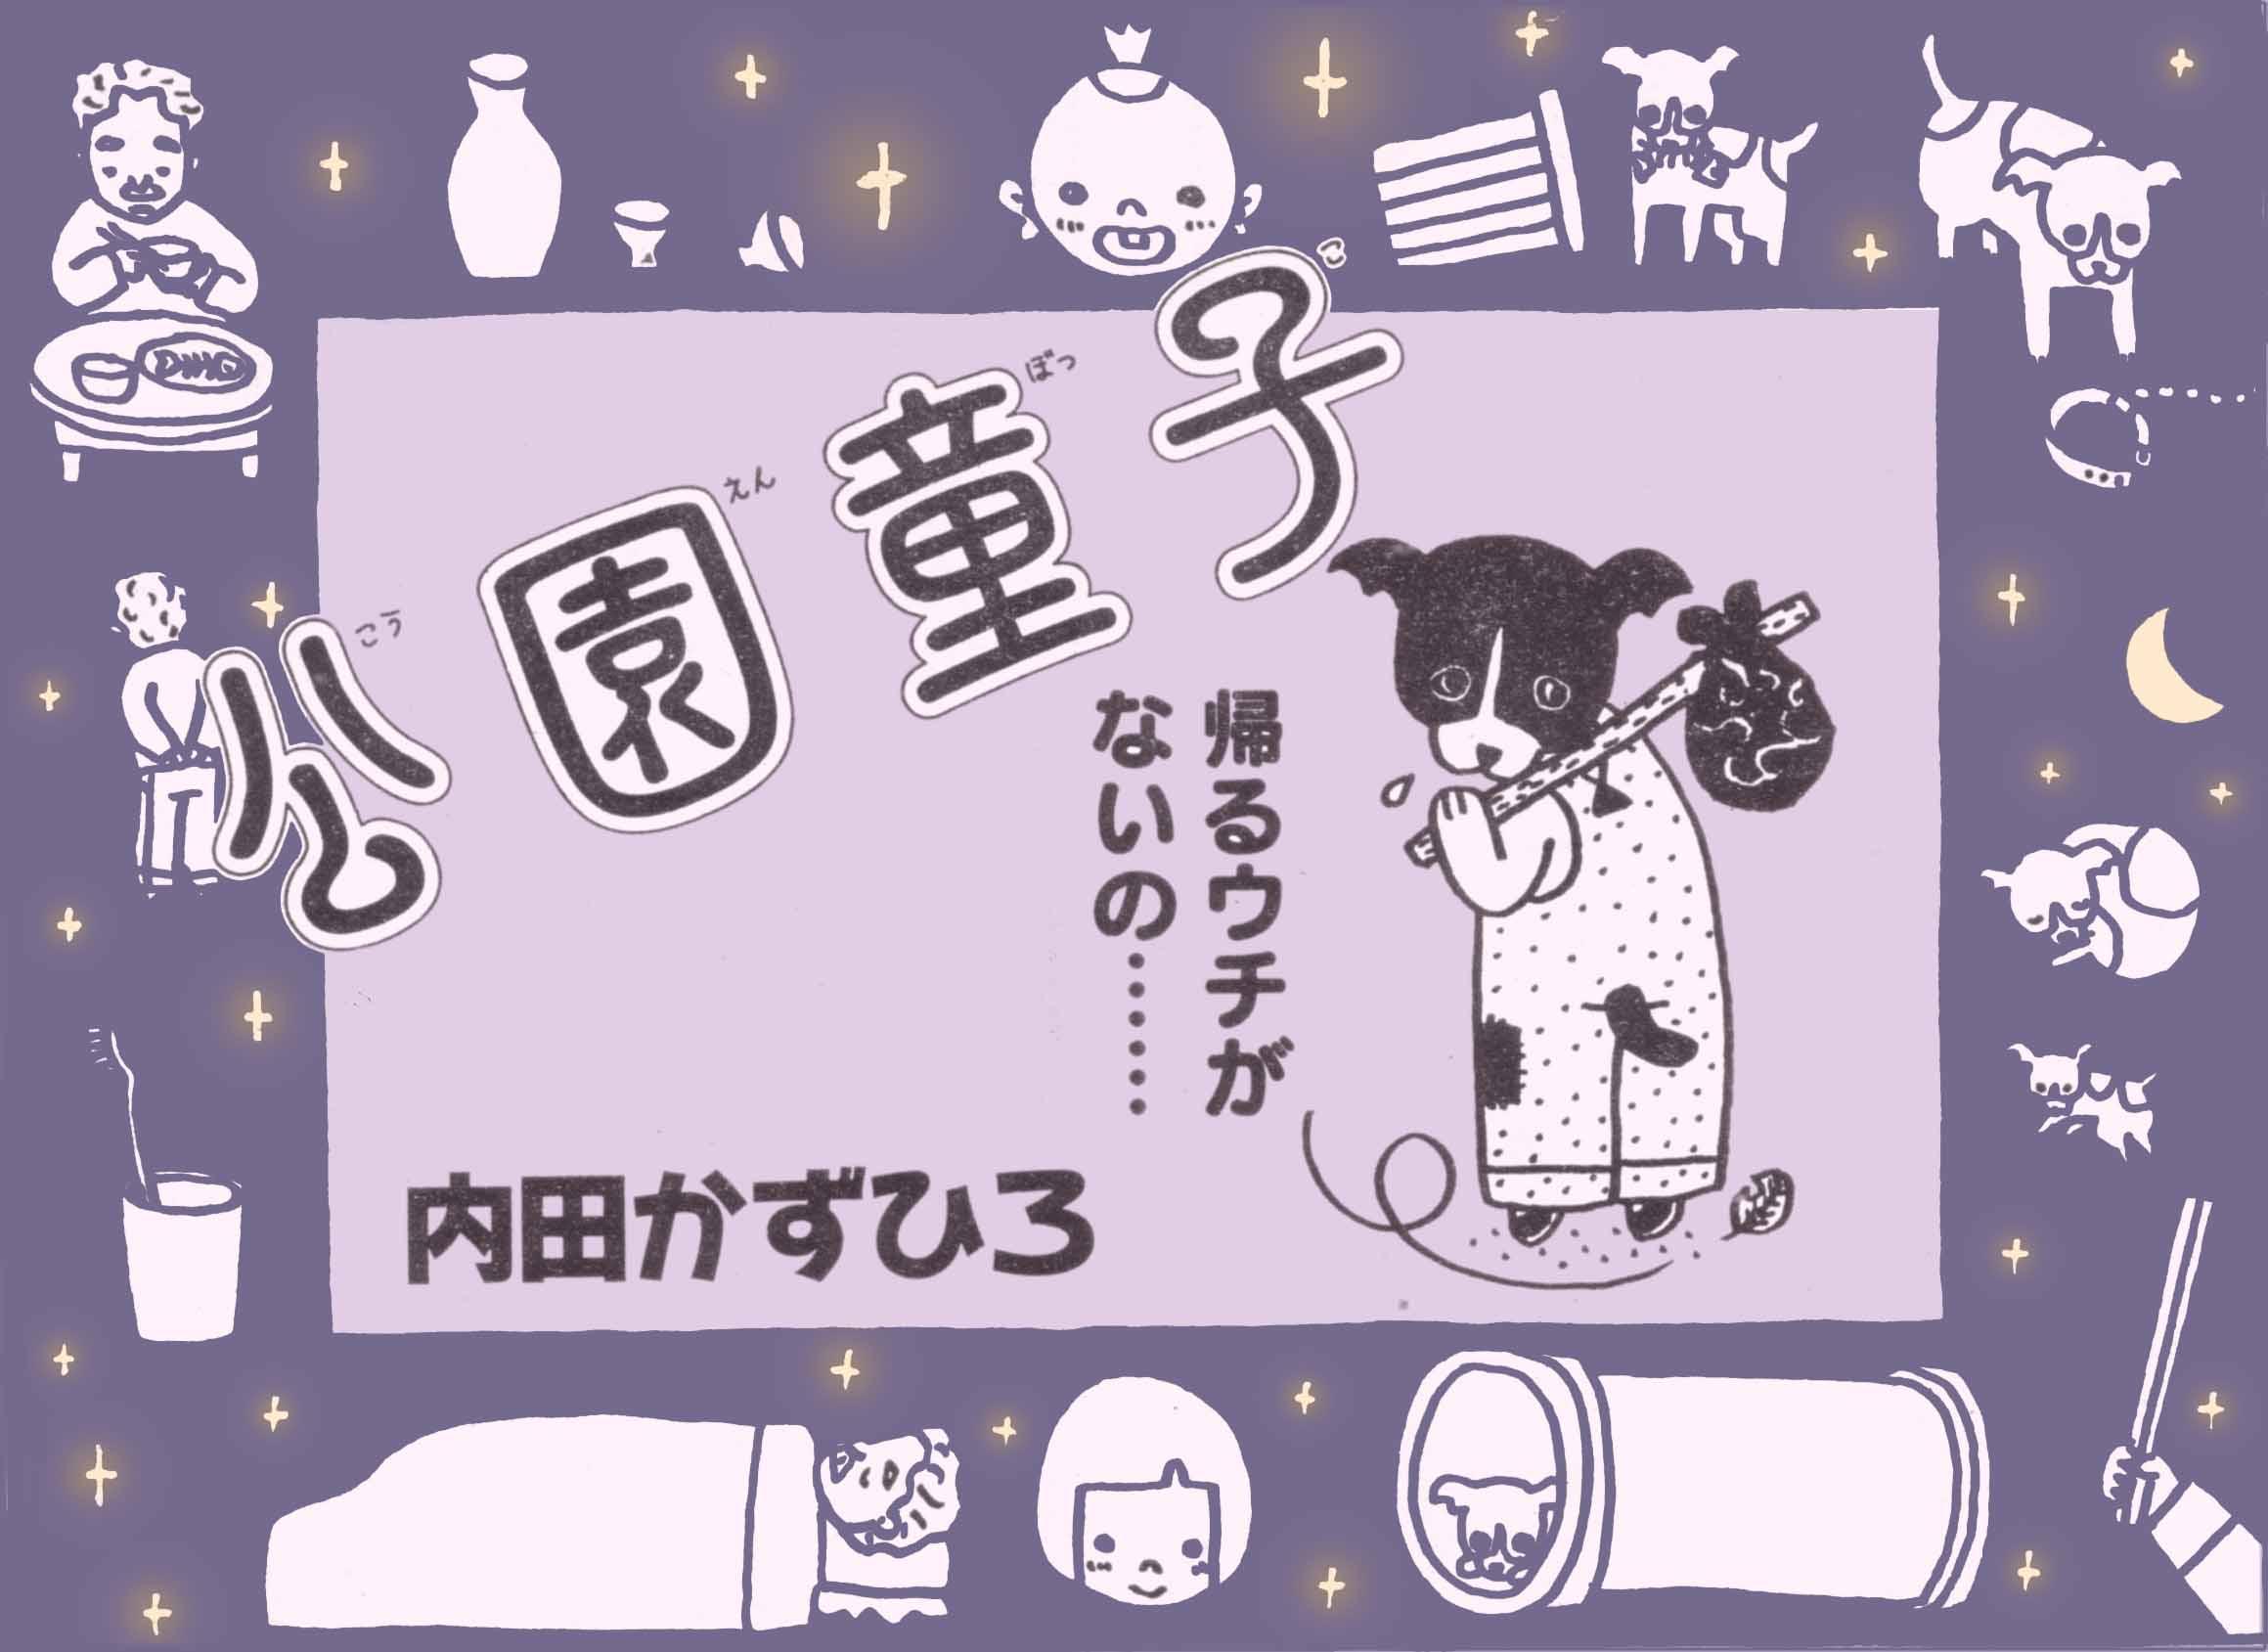 『公園童子』ノラくん_d0082759_0255269.jpg